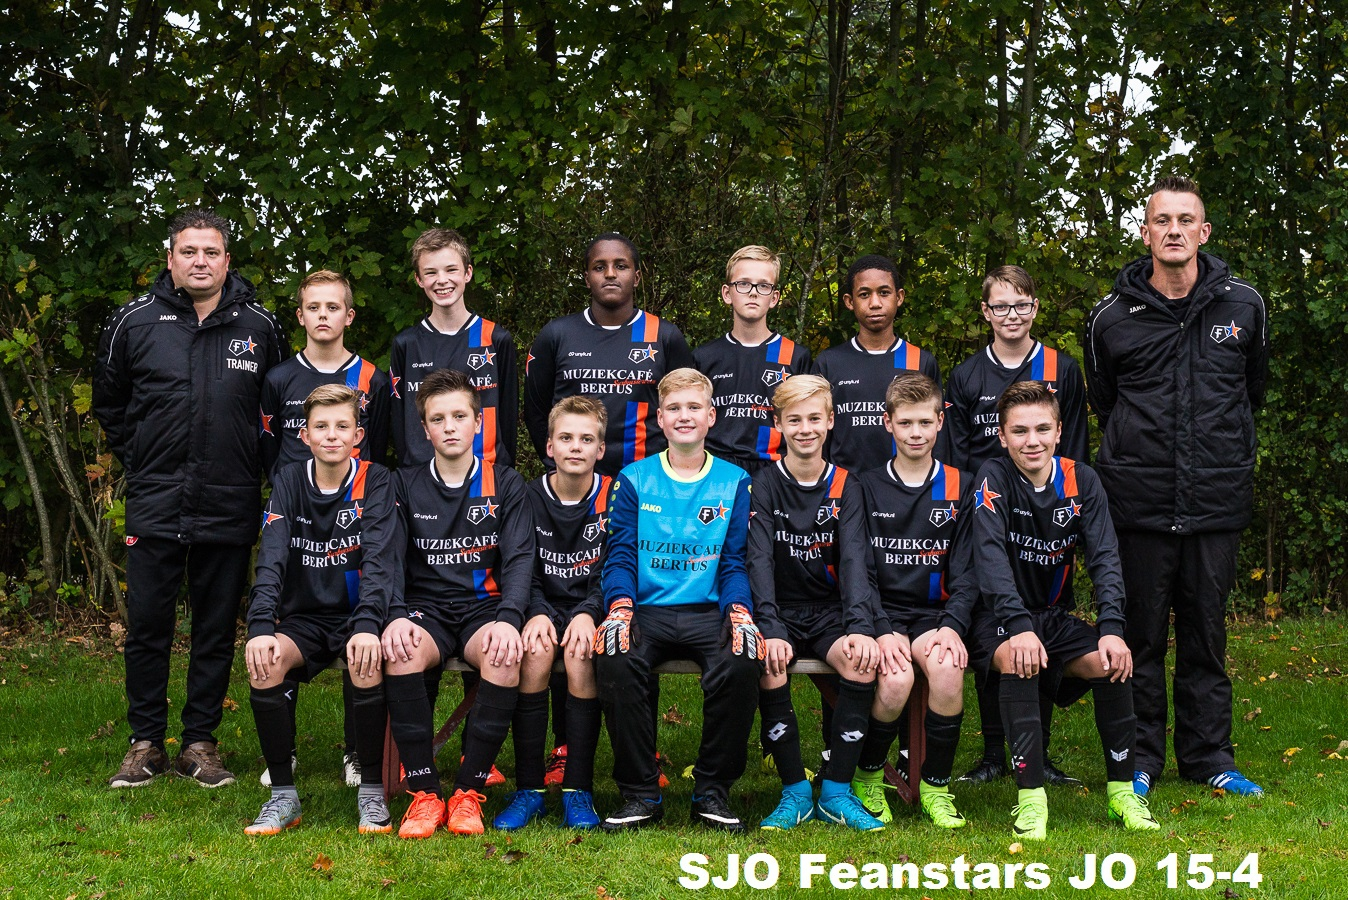 SJO Feanstars JO 15-4